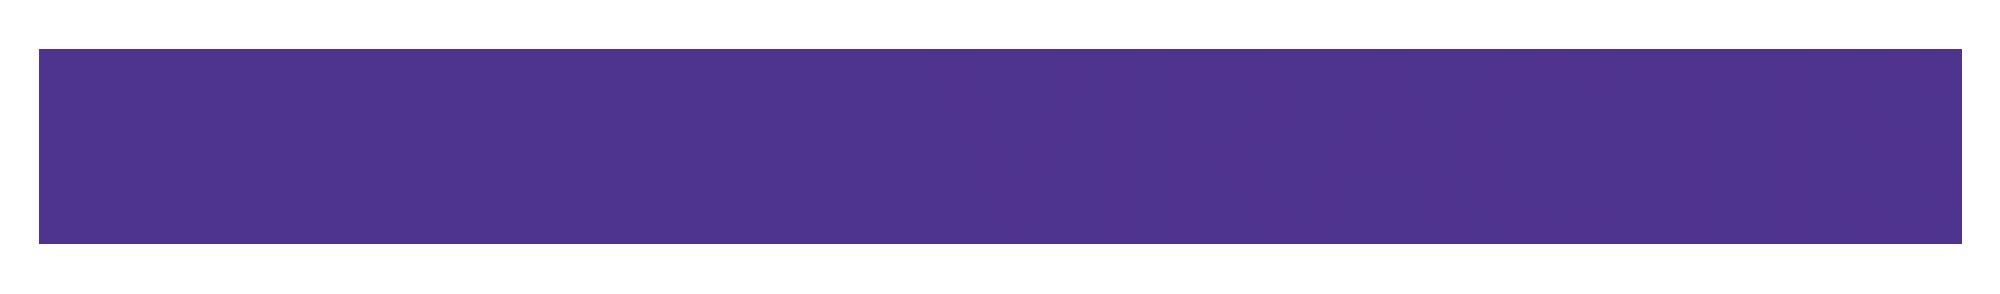 logo Dento-Viractis